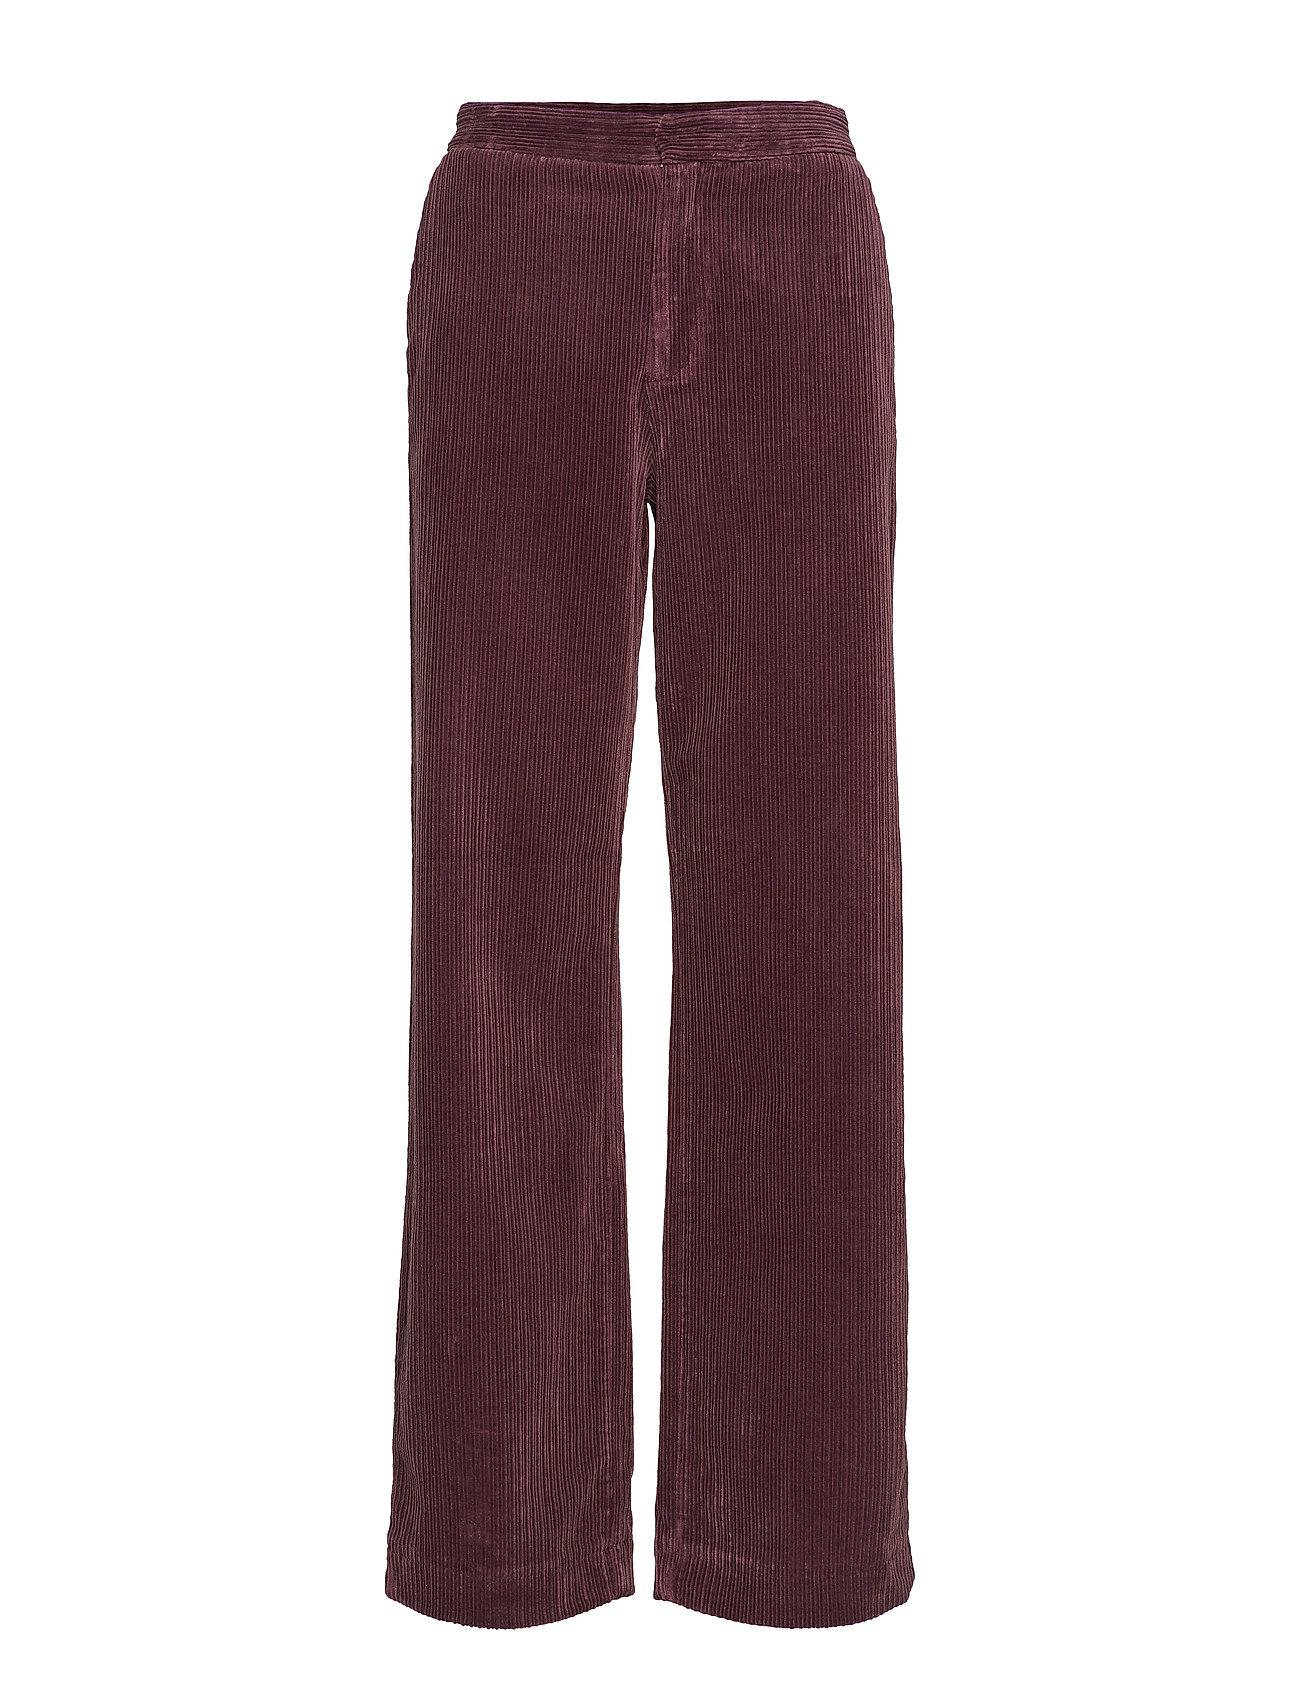 2NDDAY 2ND Ambra Jeans